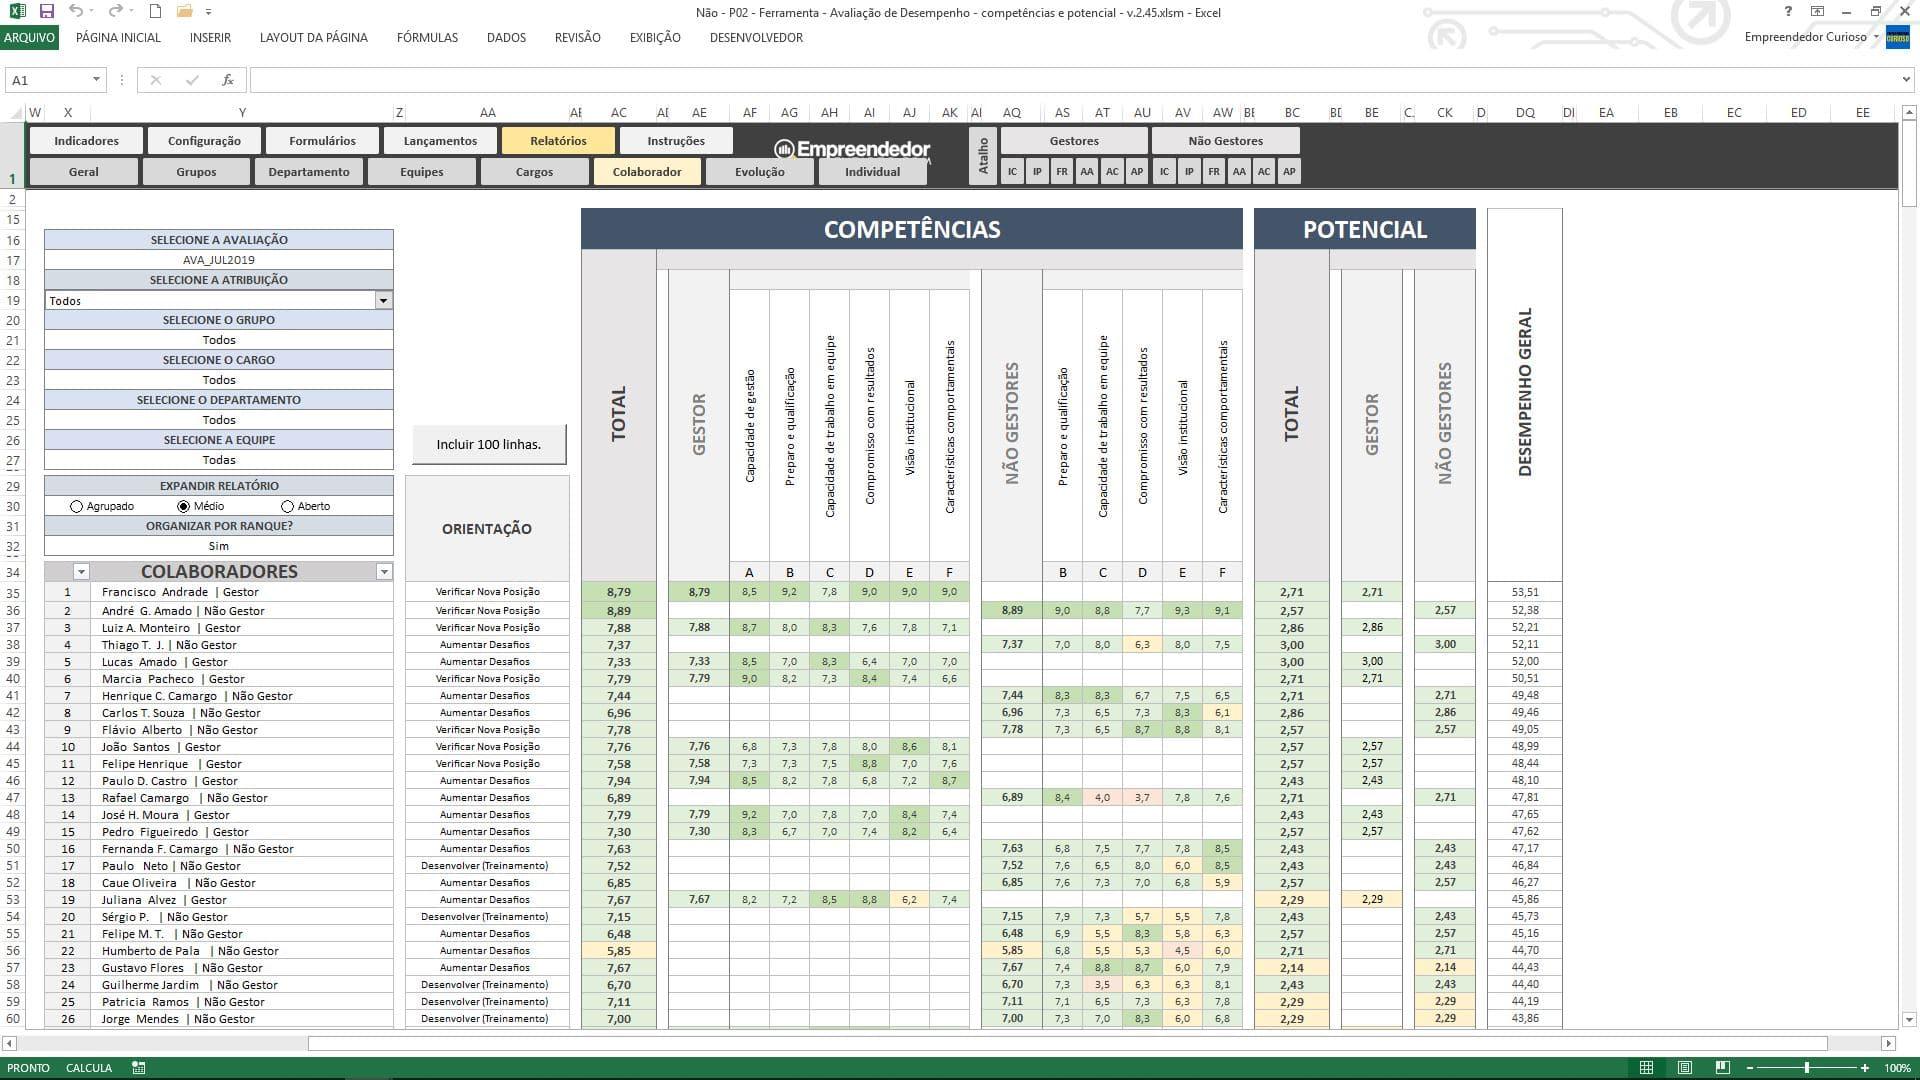 Planilha de avaliação de desempenho de funcionário - Relatório Individual por Colaborador - Ranque